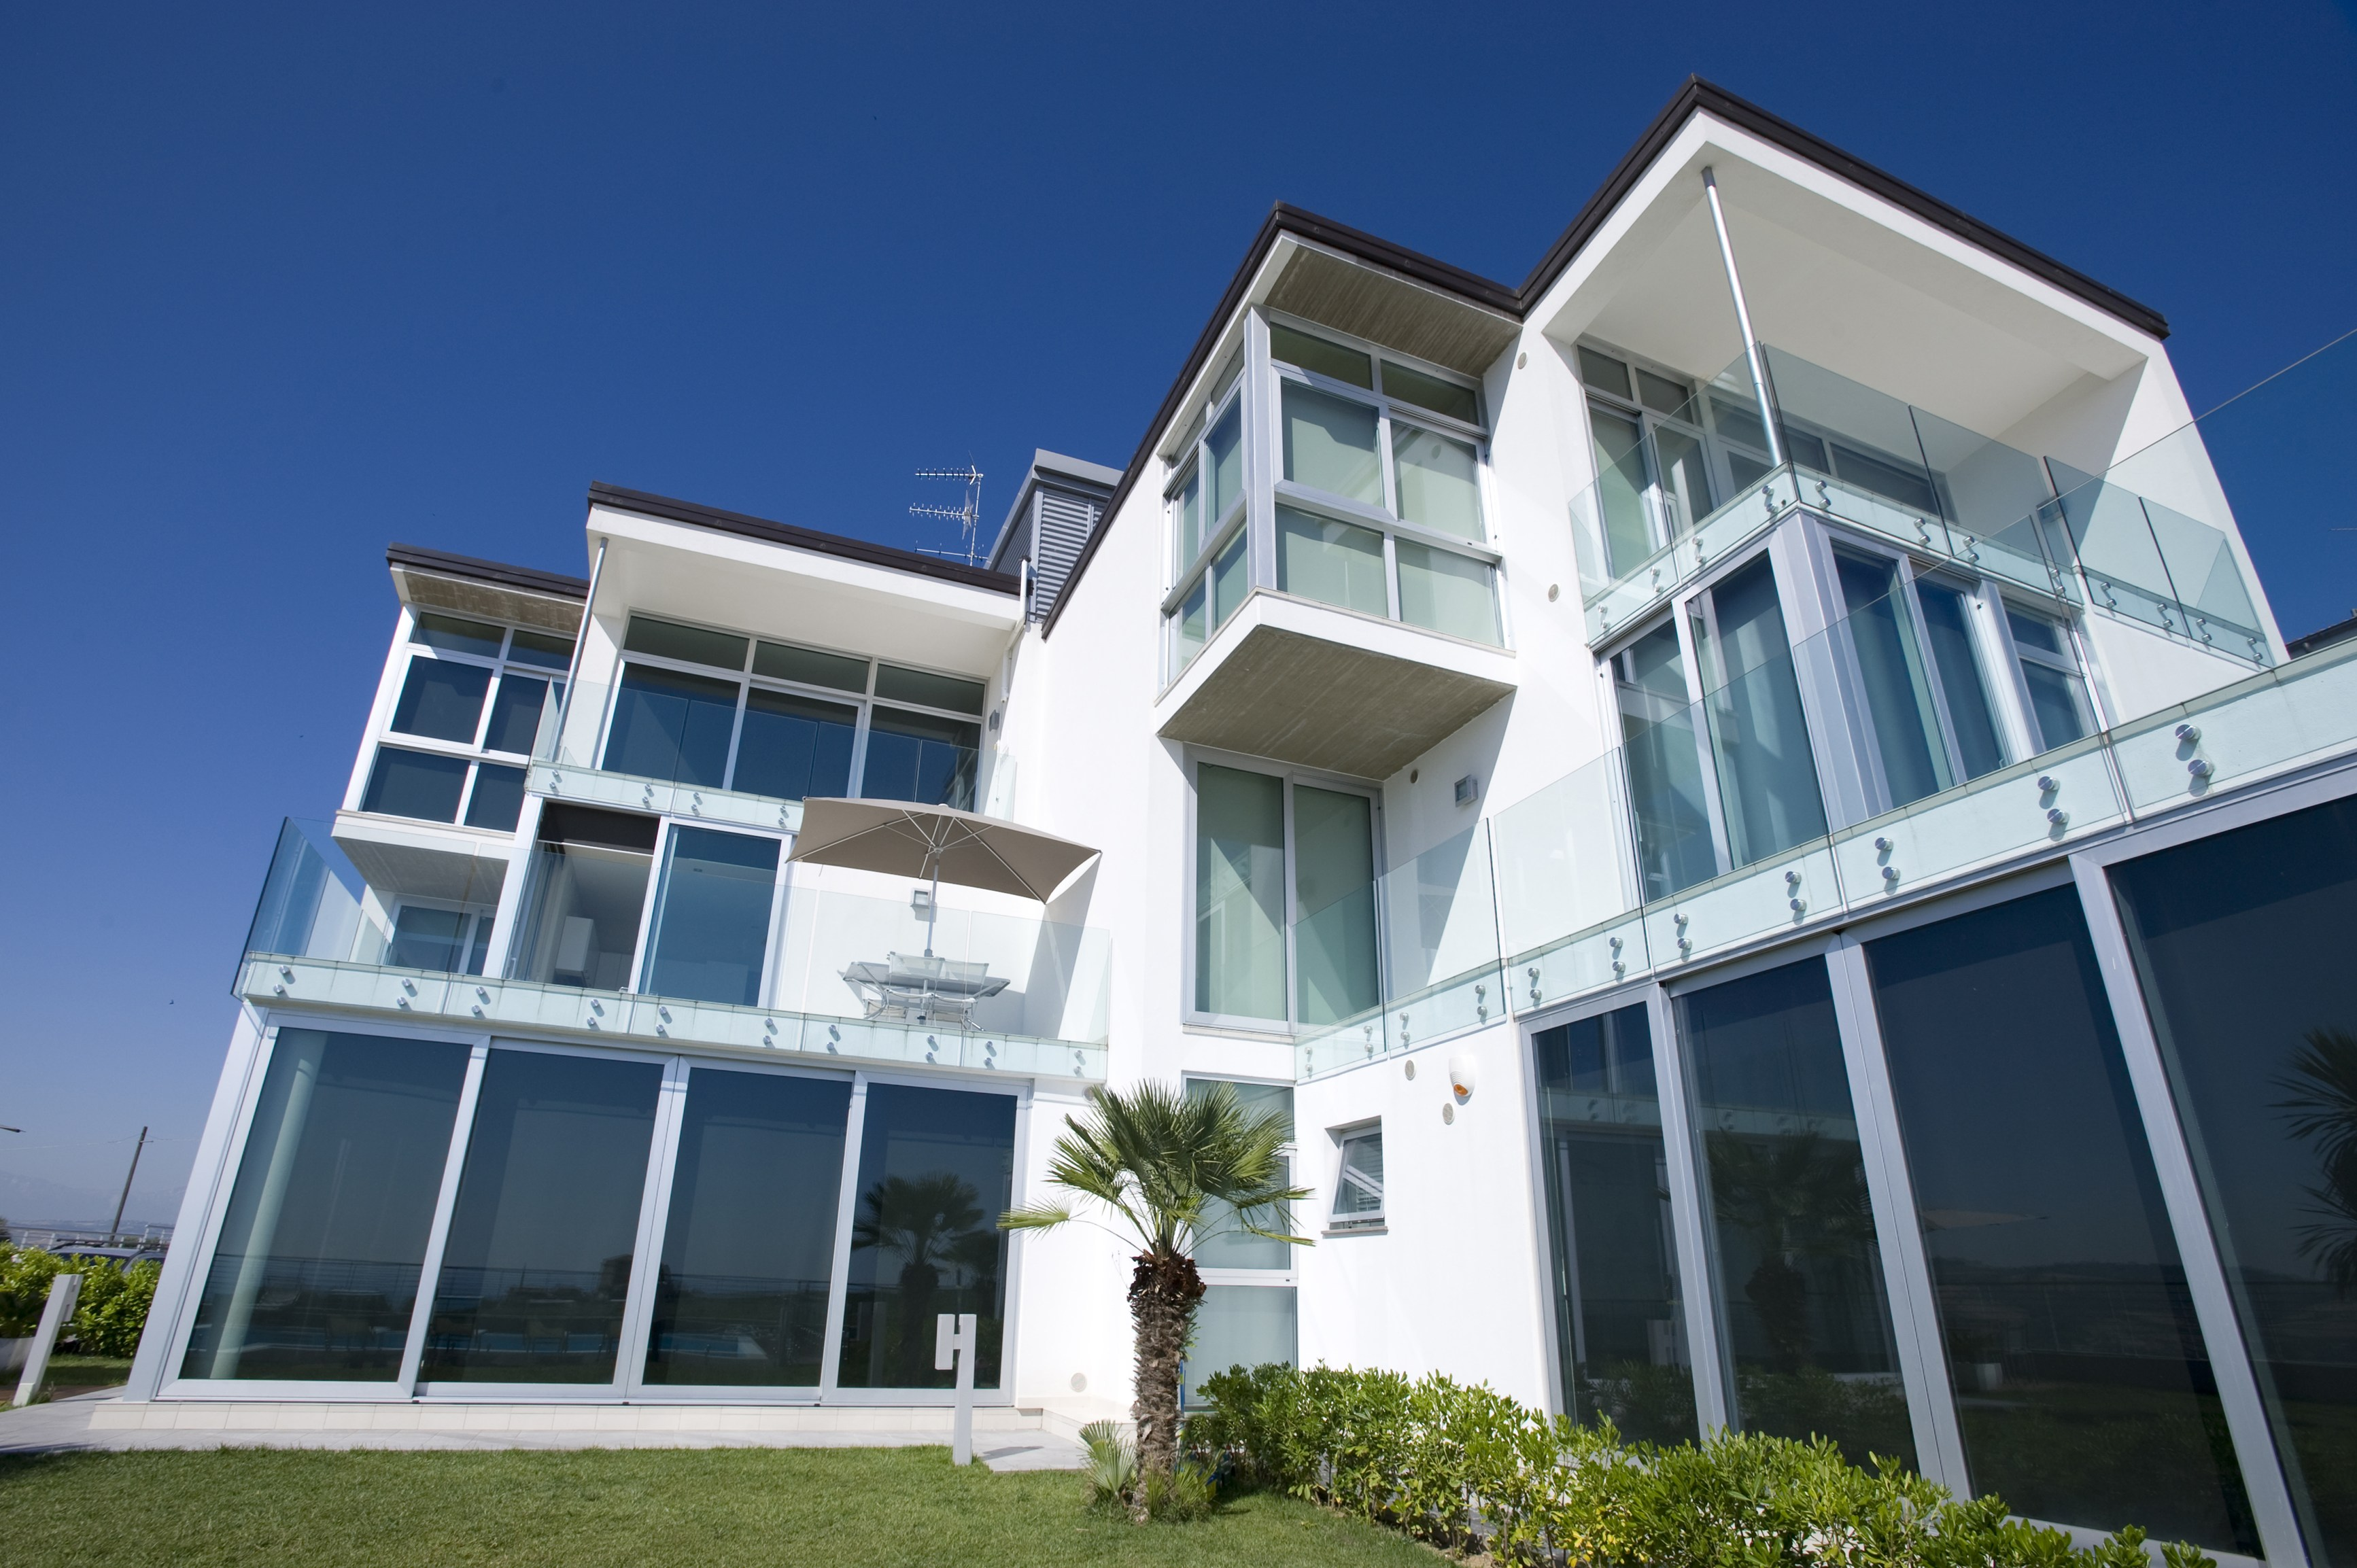 Прочные и универсальные алюминиевые окна приобретают все большую популярность